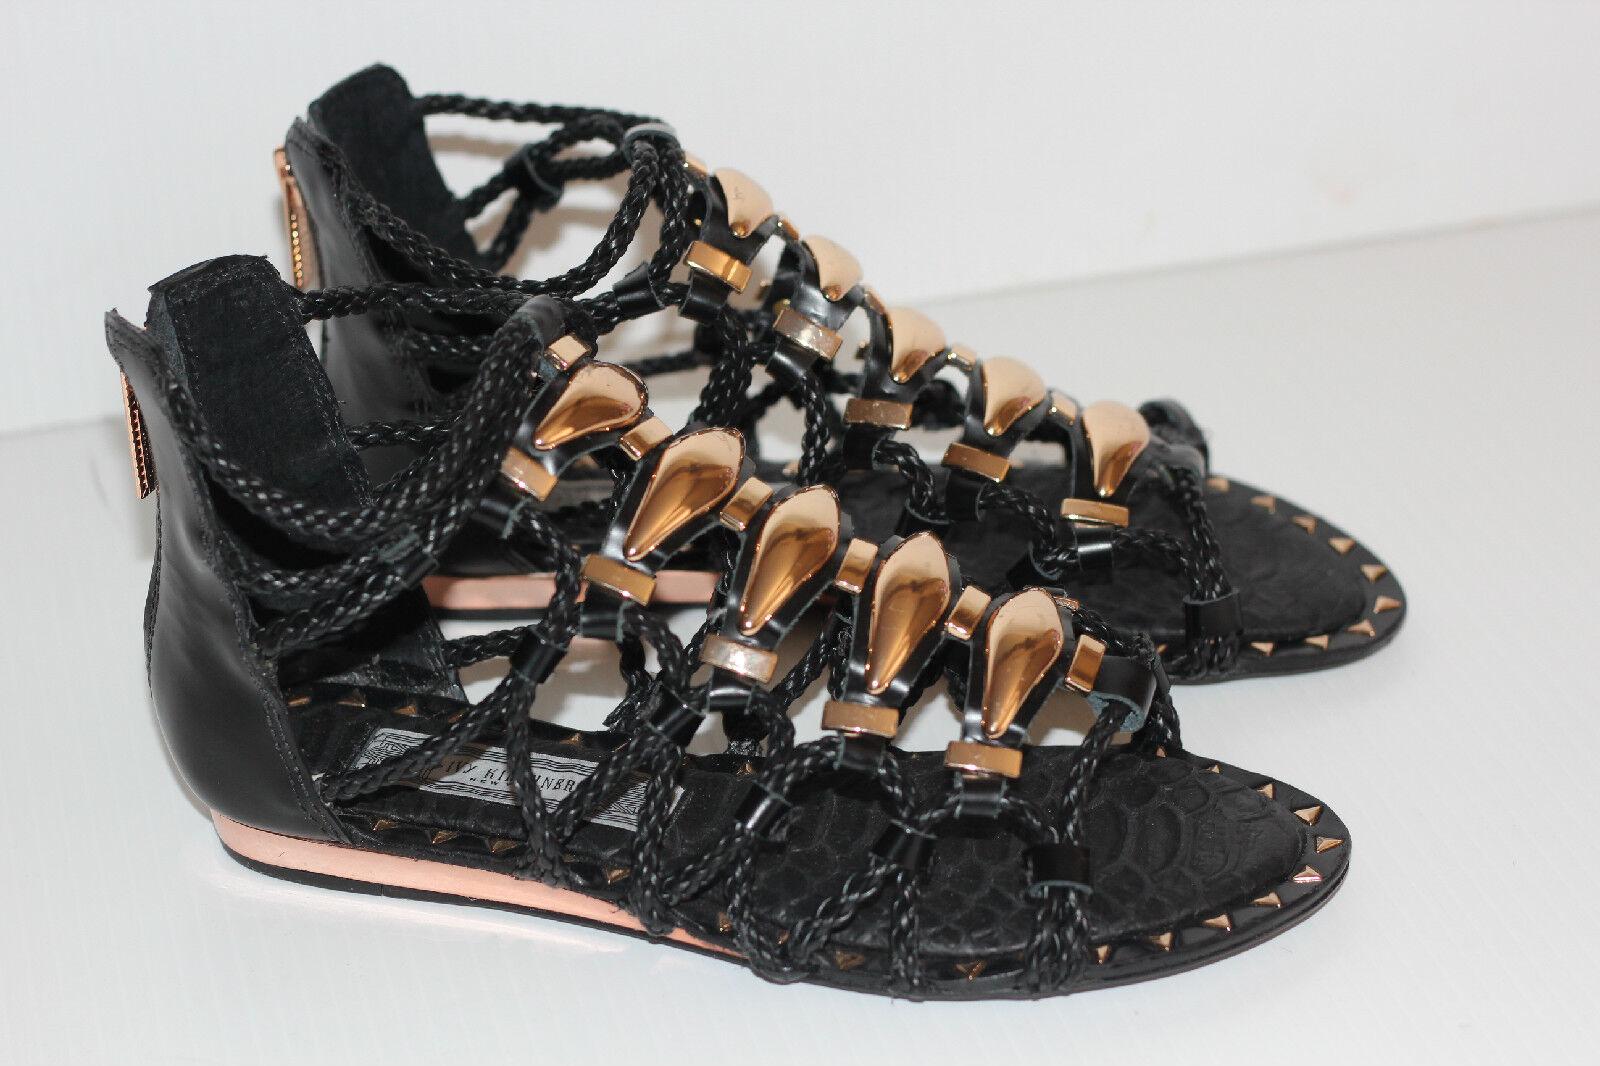 NEW Ivy Kirzhner Brass Gladiator Strappy Sandal - Black   gold - Size 6M (X11)